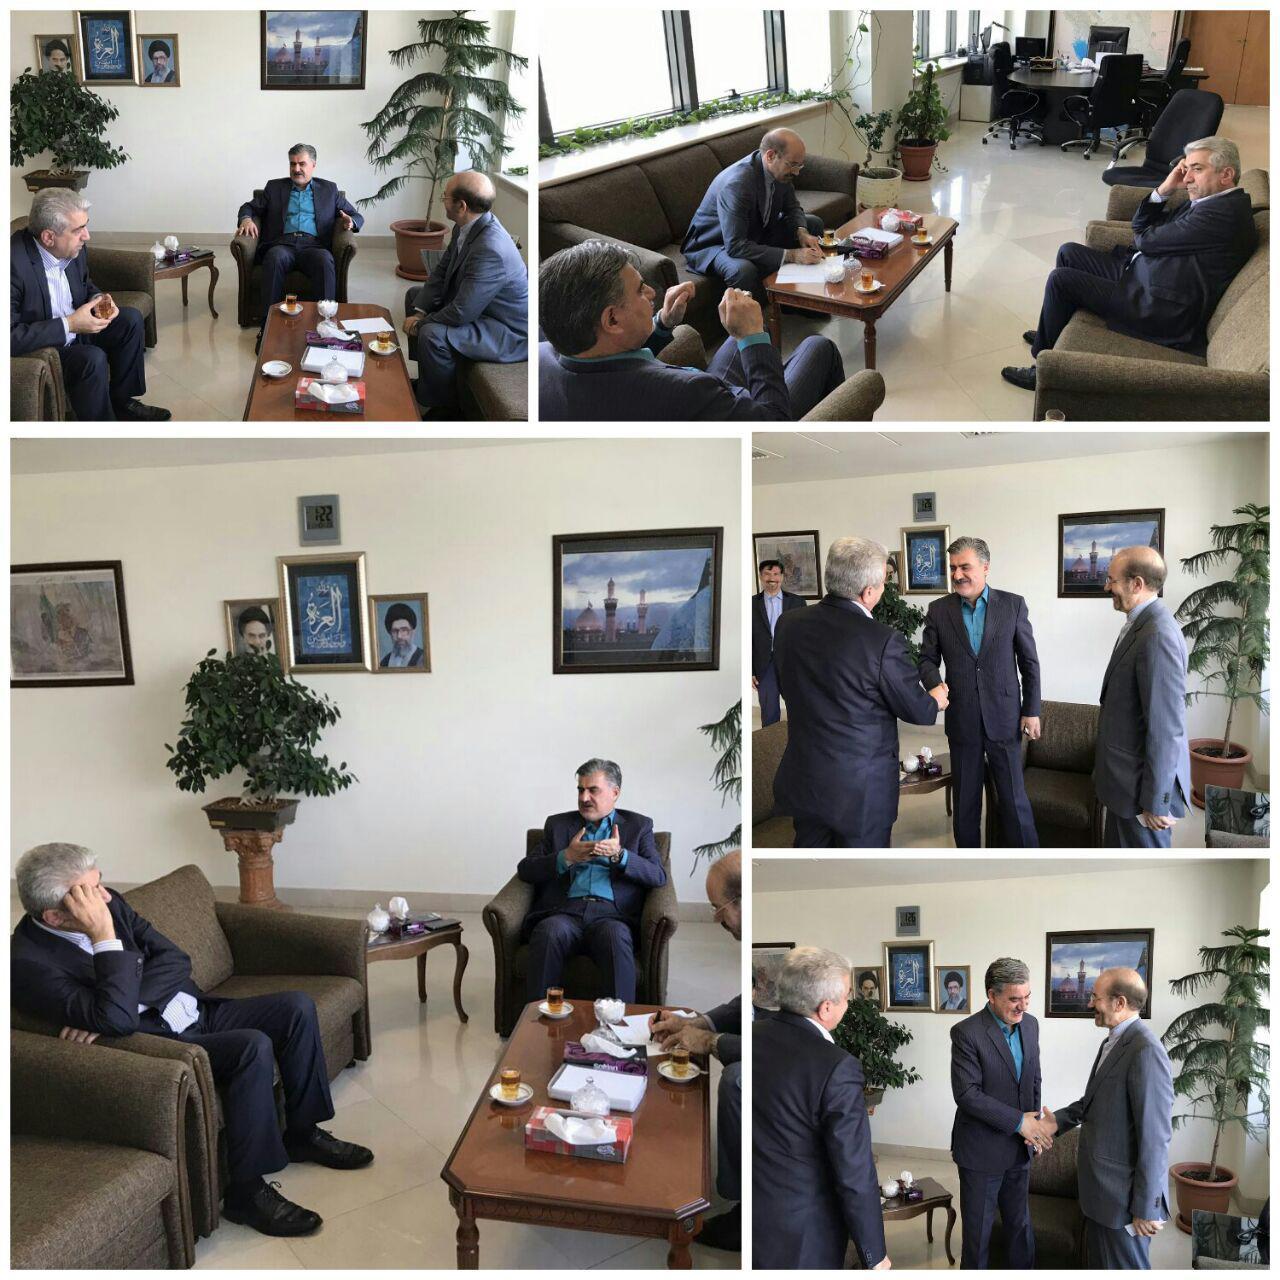 جلسه دکتر عزیزی با مهندس محمودی سرپرست وزارت نیرو در رابطه با آب های زیرزمینی منطقه سرانی شیروان.